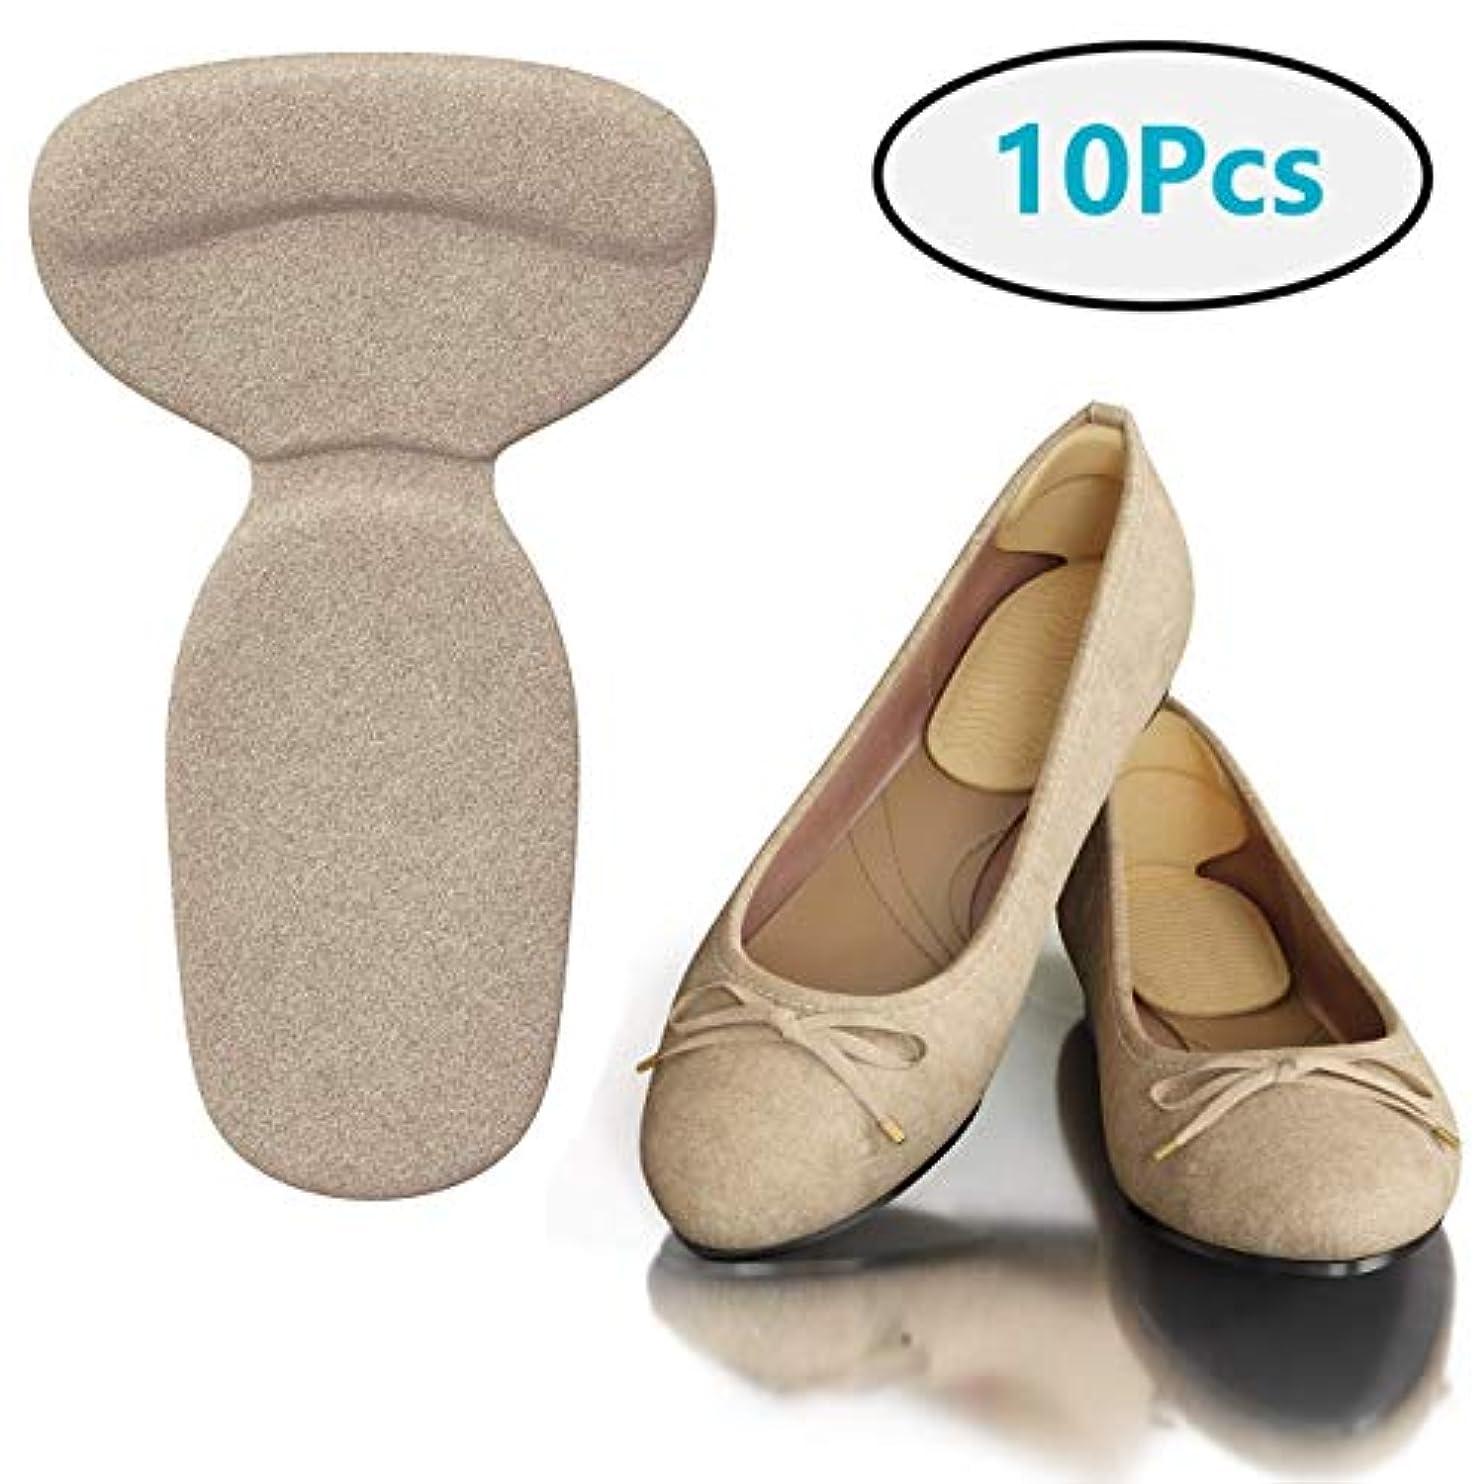 キネマティクスクリーク幸運大きすぎる靴のヒールグリップ-10靴インサートパッド-足の痛みの軽減、足底筋膜炎、骨の痛み、アキレスの痛みのためのジェルヒールカップ